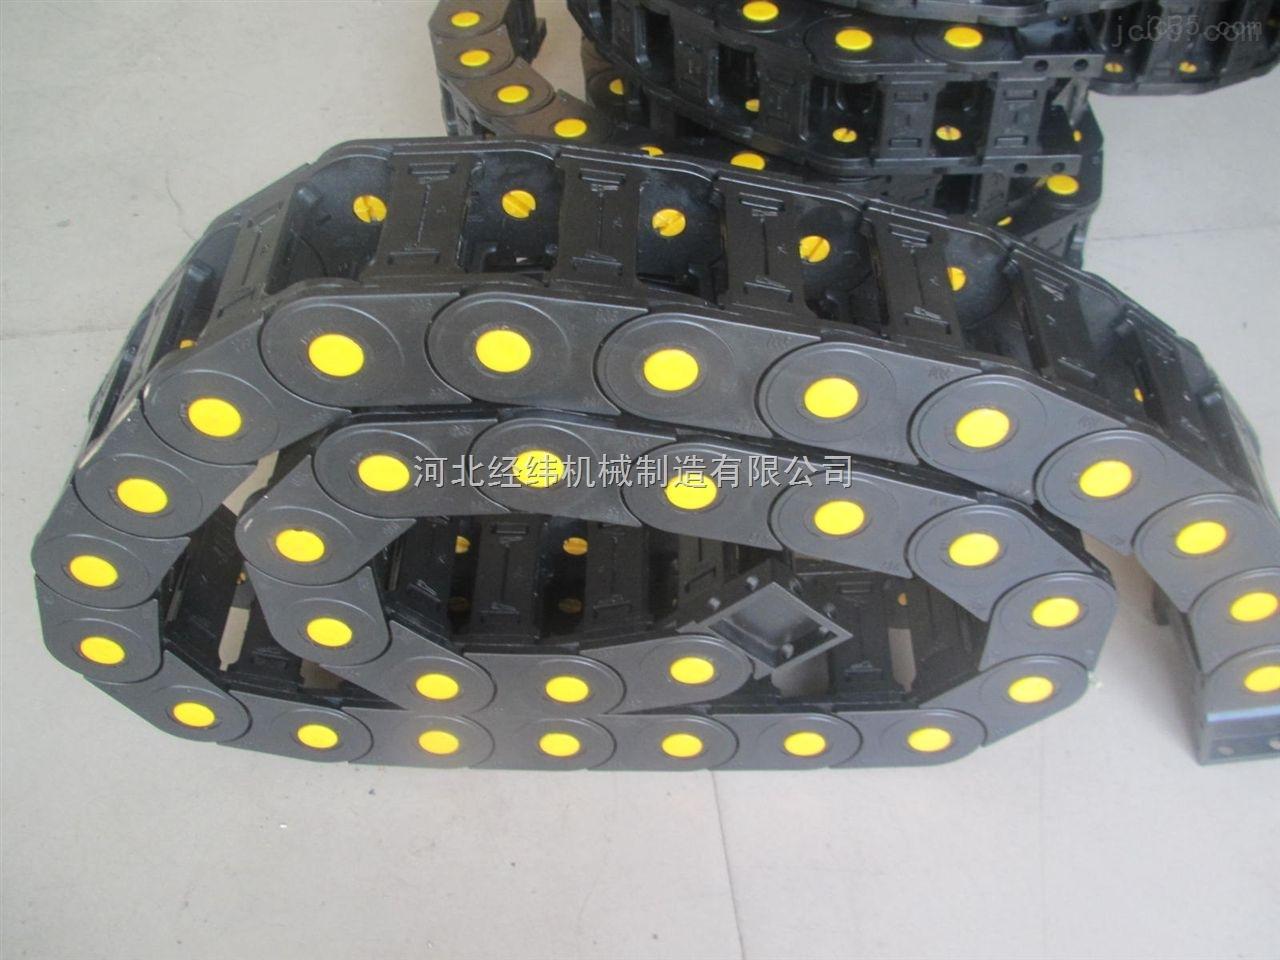 油管线缆保护链厂家 工程塑料拖链厂家现货批发